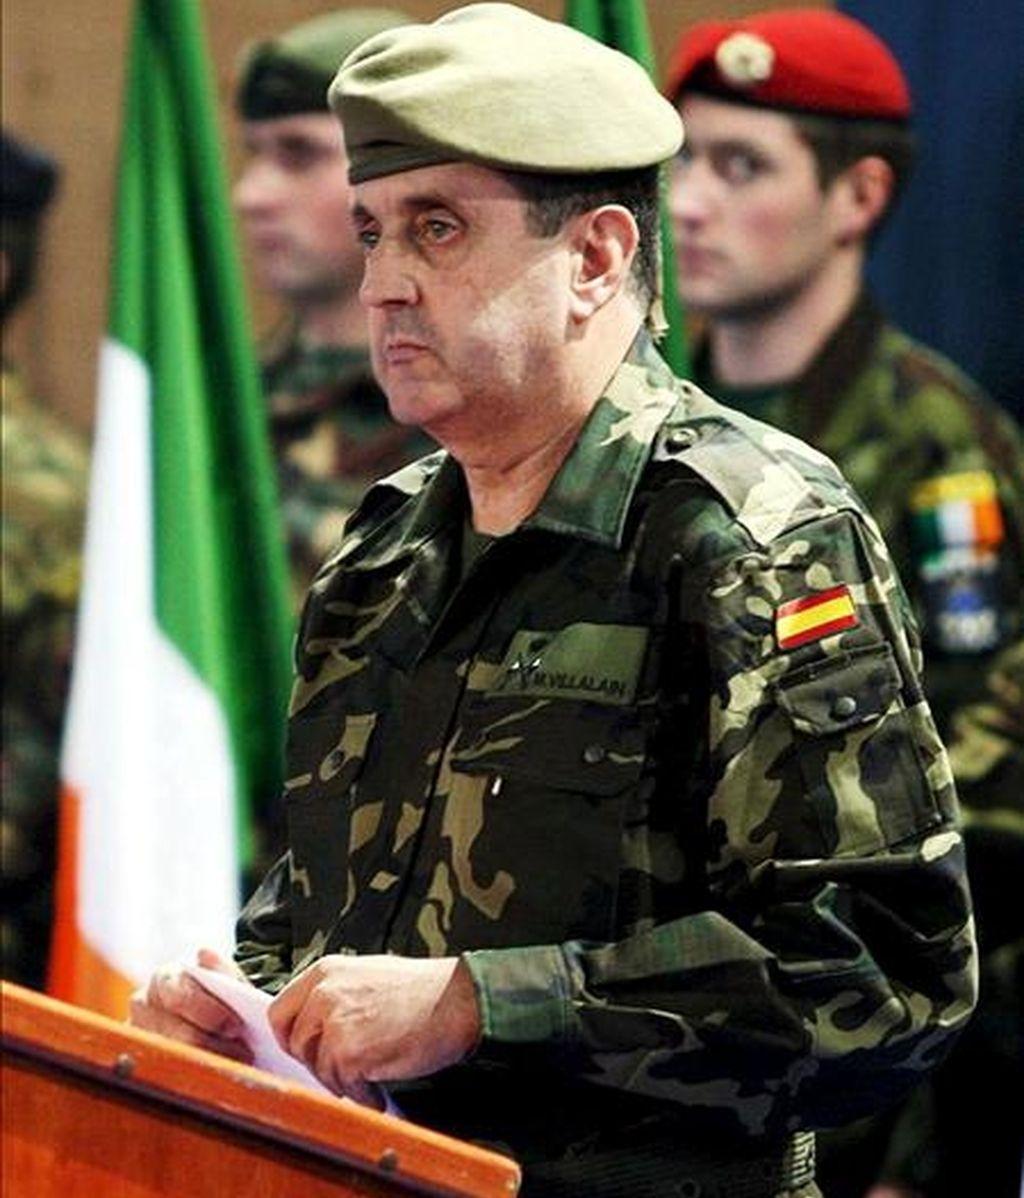 El general Ignacio Martín Villalaín, durante el acto en el que se hizo cargo del mando de la misión europea en Bosnia (EUROFOR). EFE/Archivo